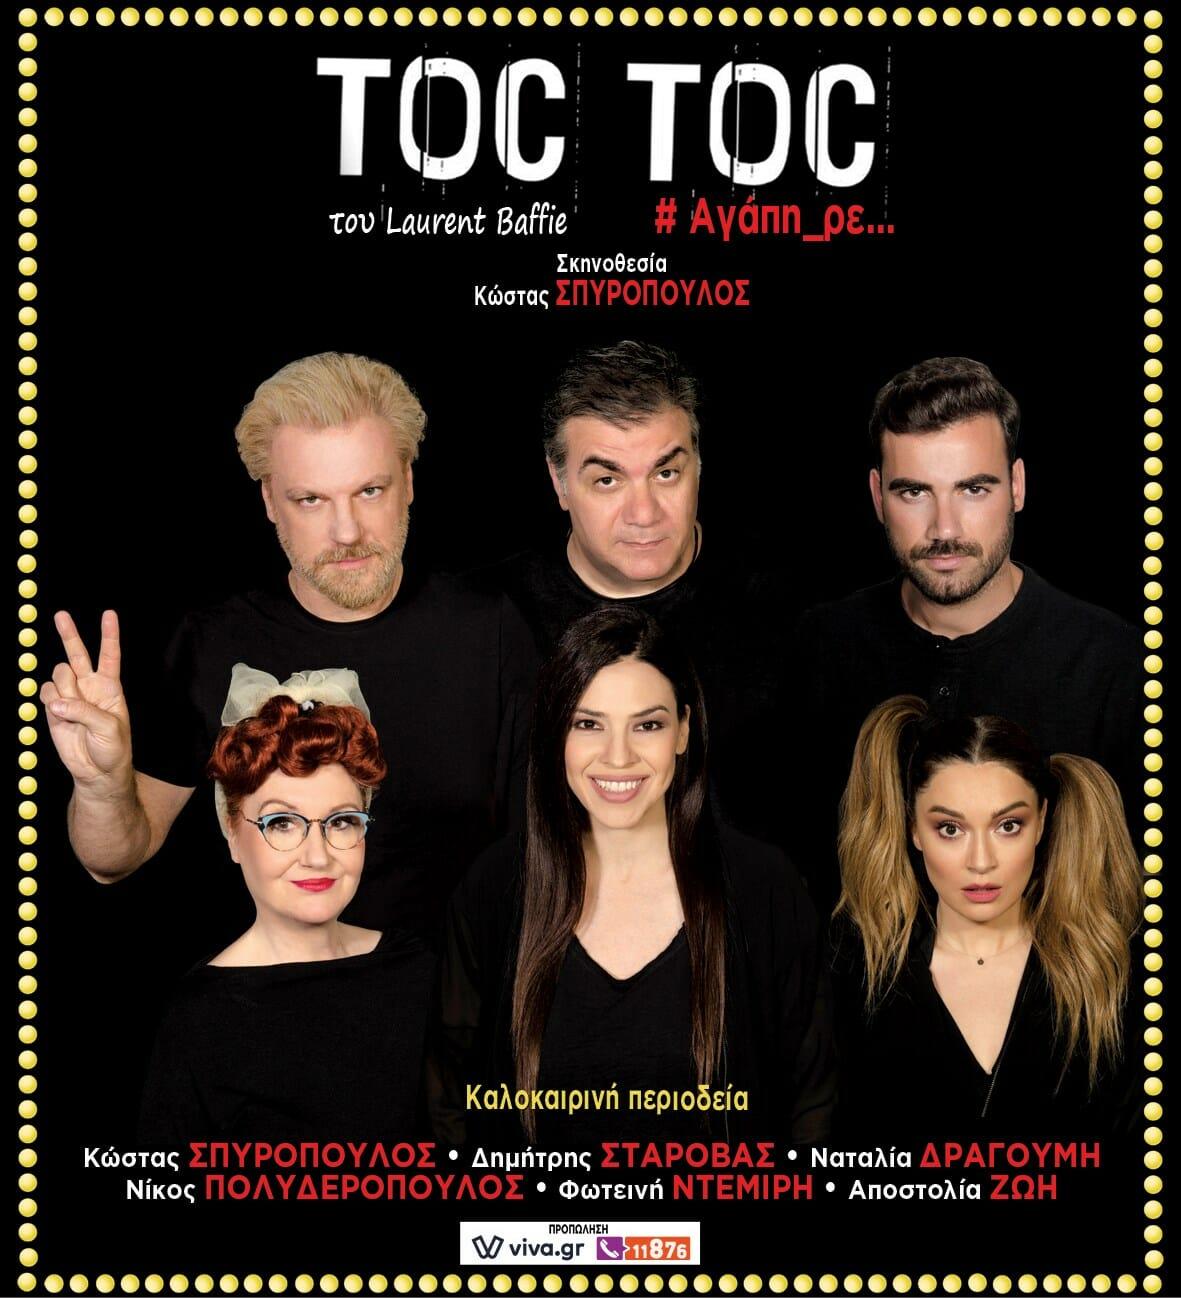 TOC TOC Summer Tour